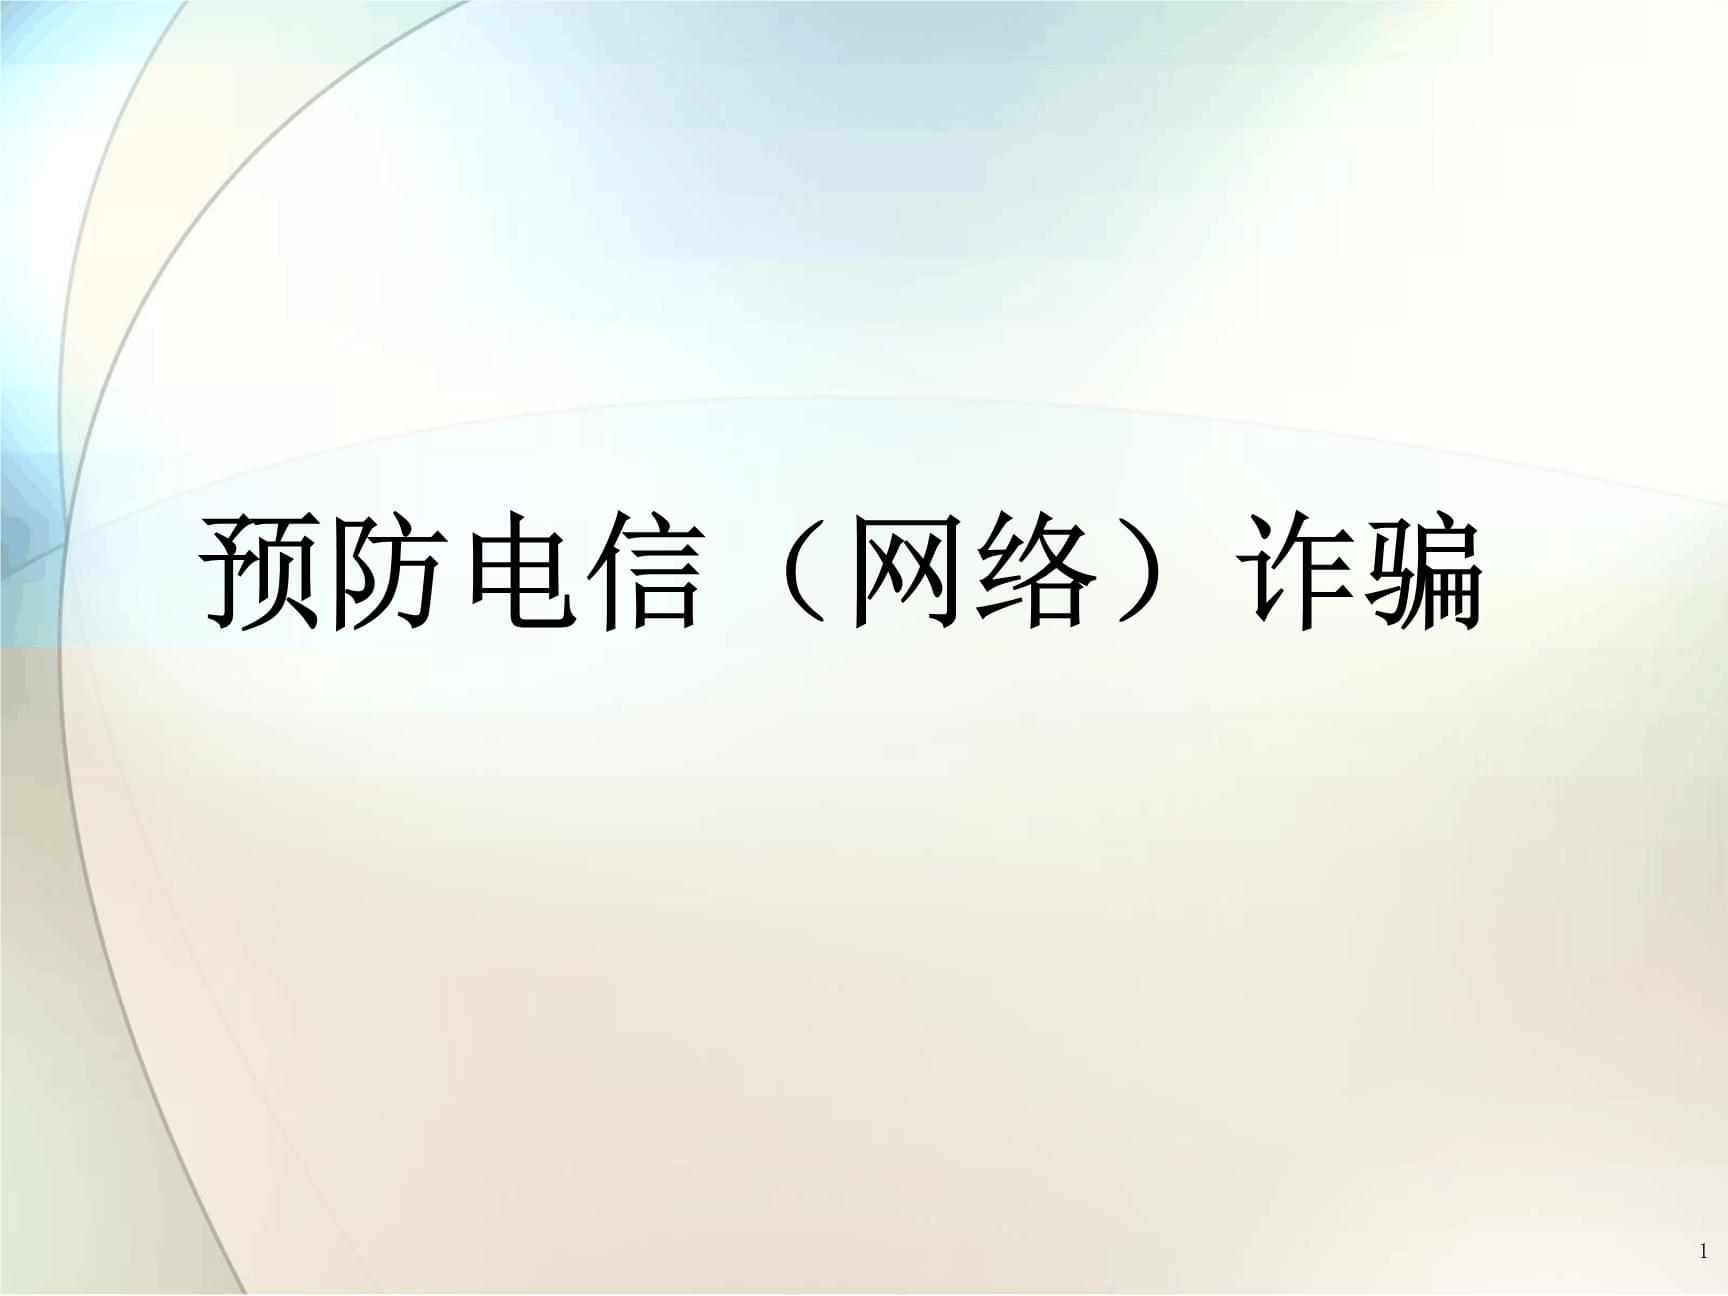 预防电信网络诈骗参考幻灯片.ppt